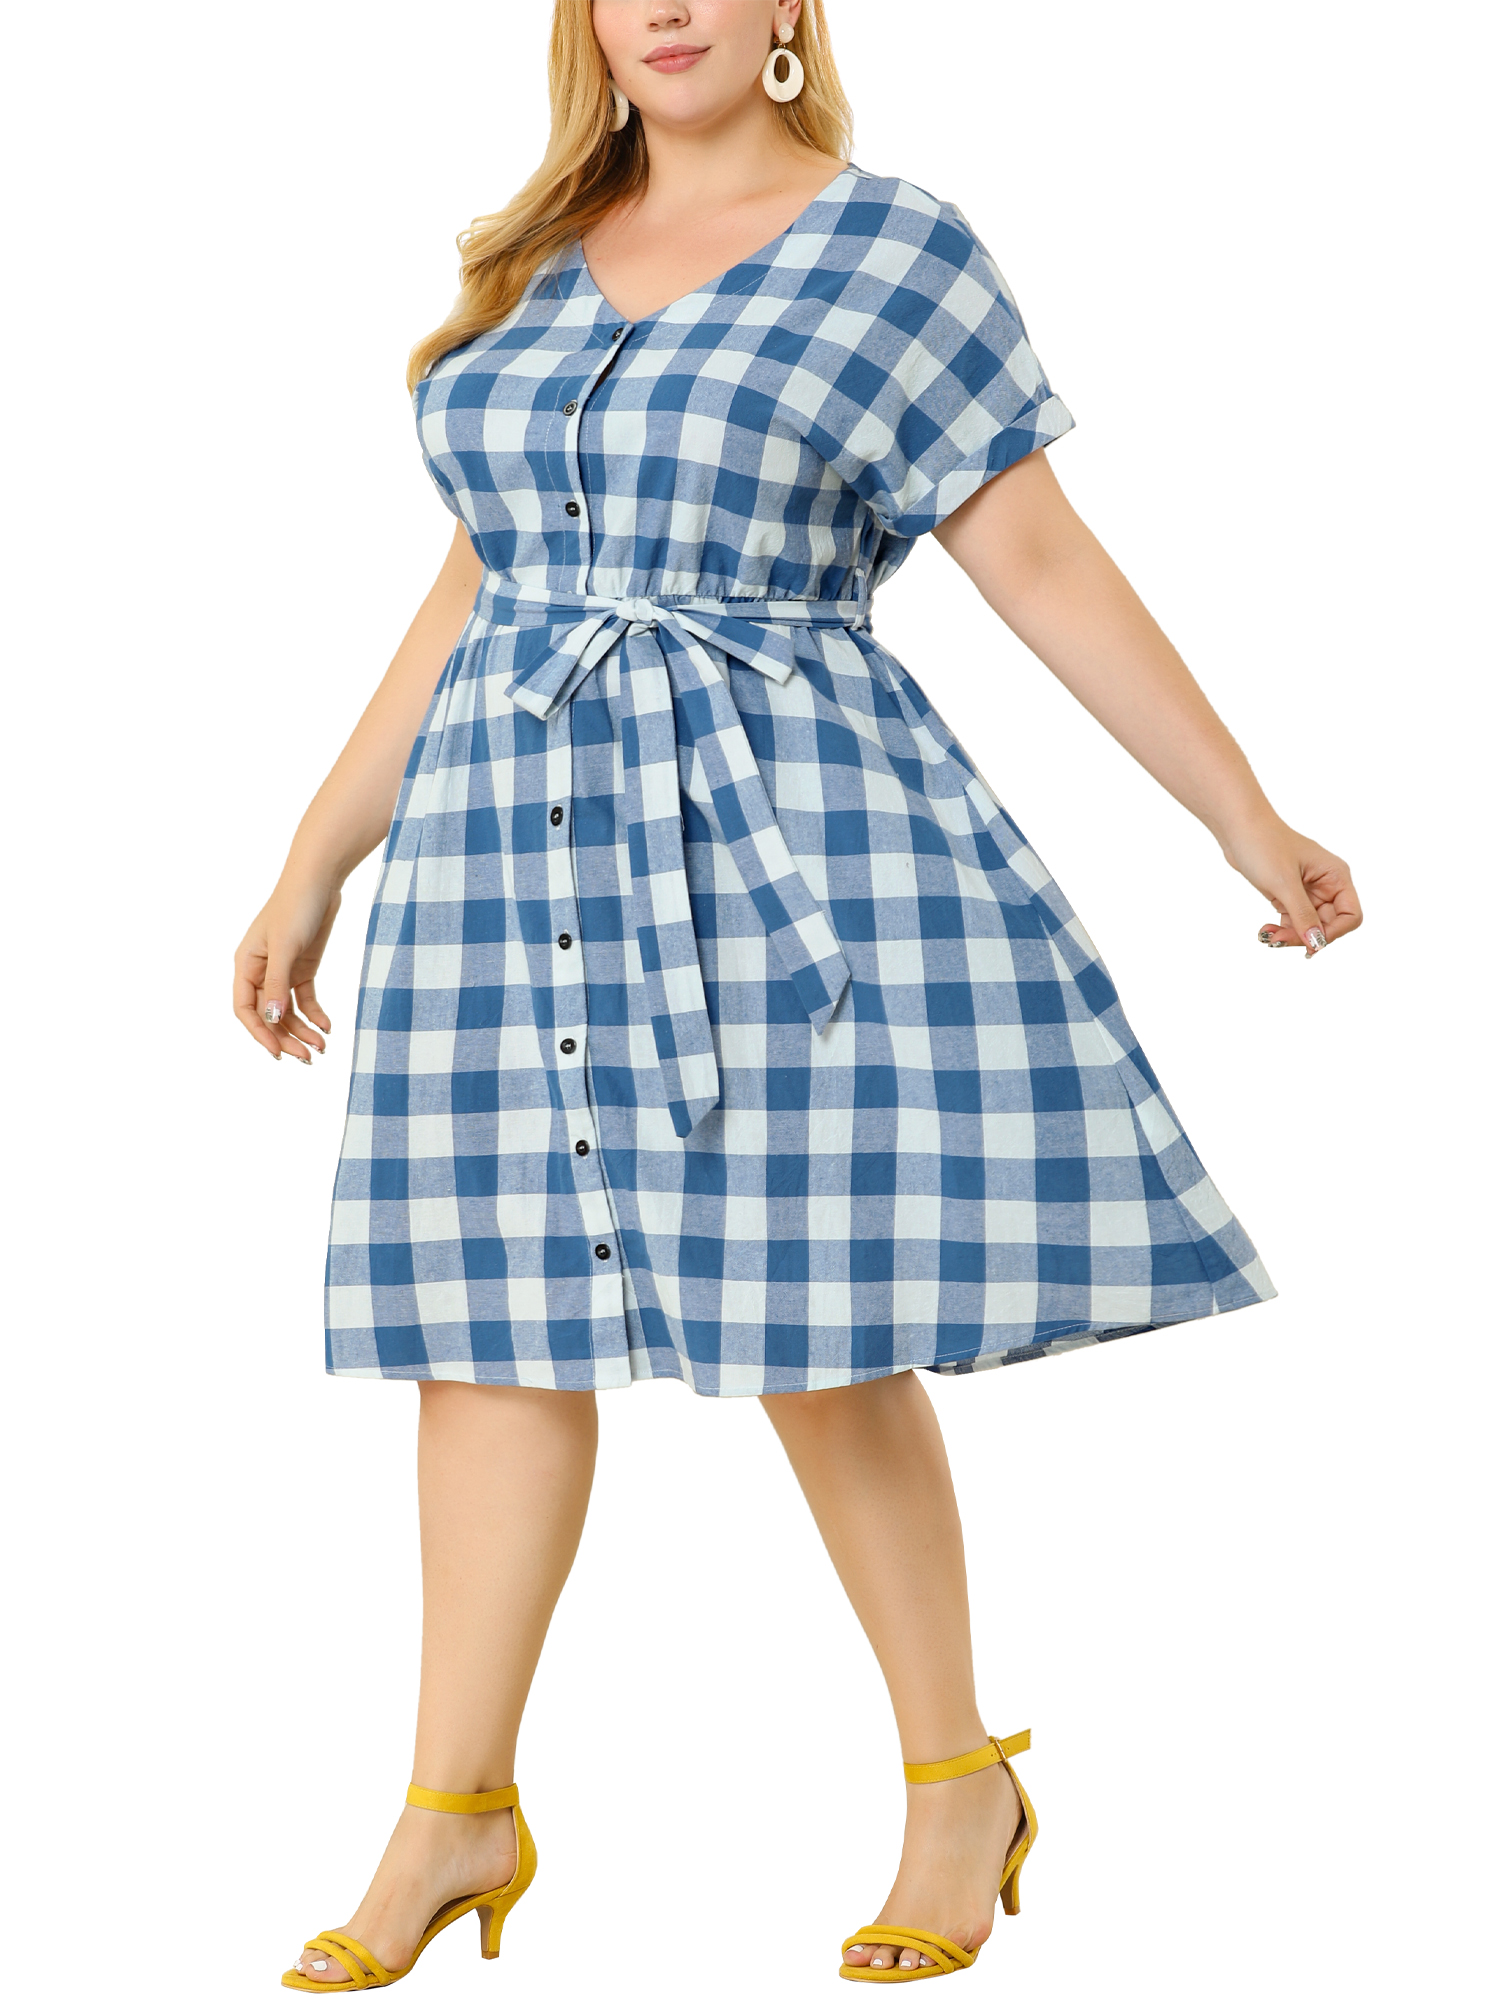 Women's Plus Size Dress Cotton Short Sleeve Buttons Front Plaid Dresses Blue 1X